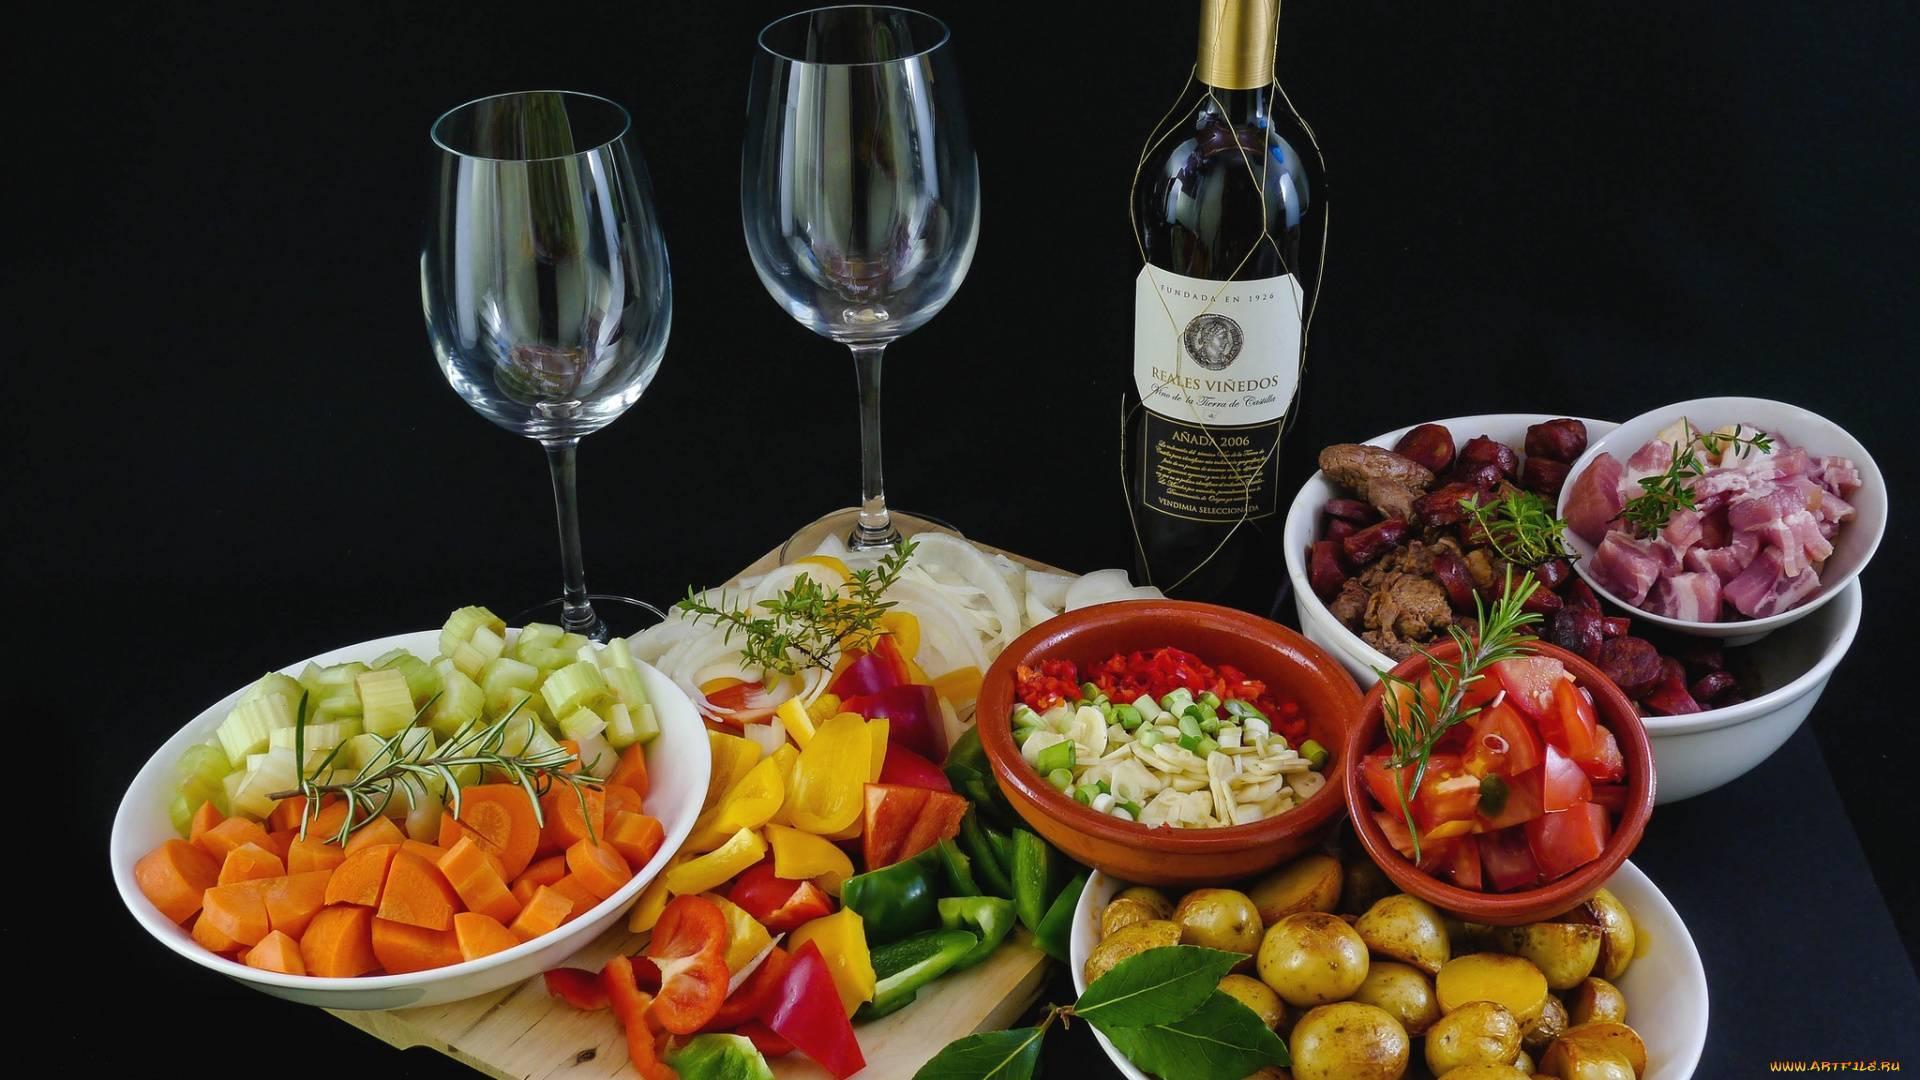 Чем закусывать вино чтобы не поправиться